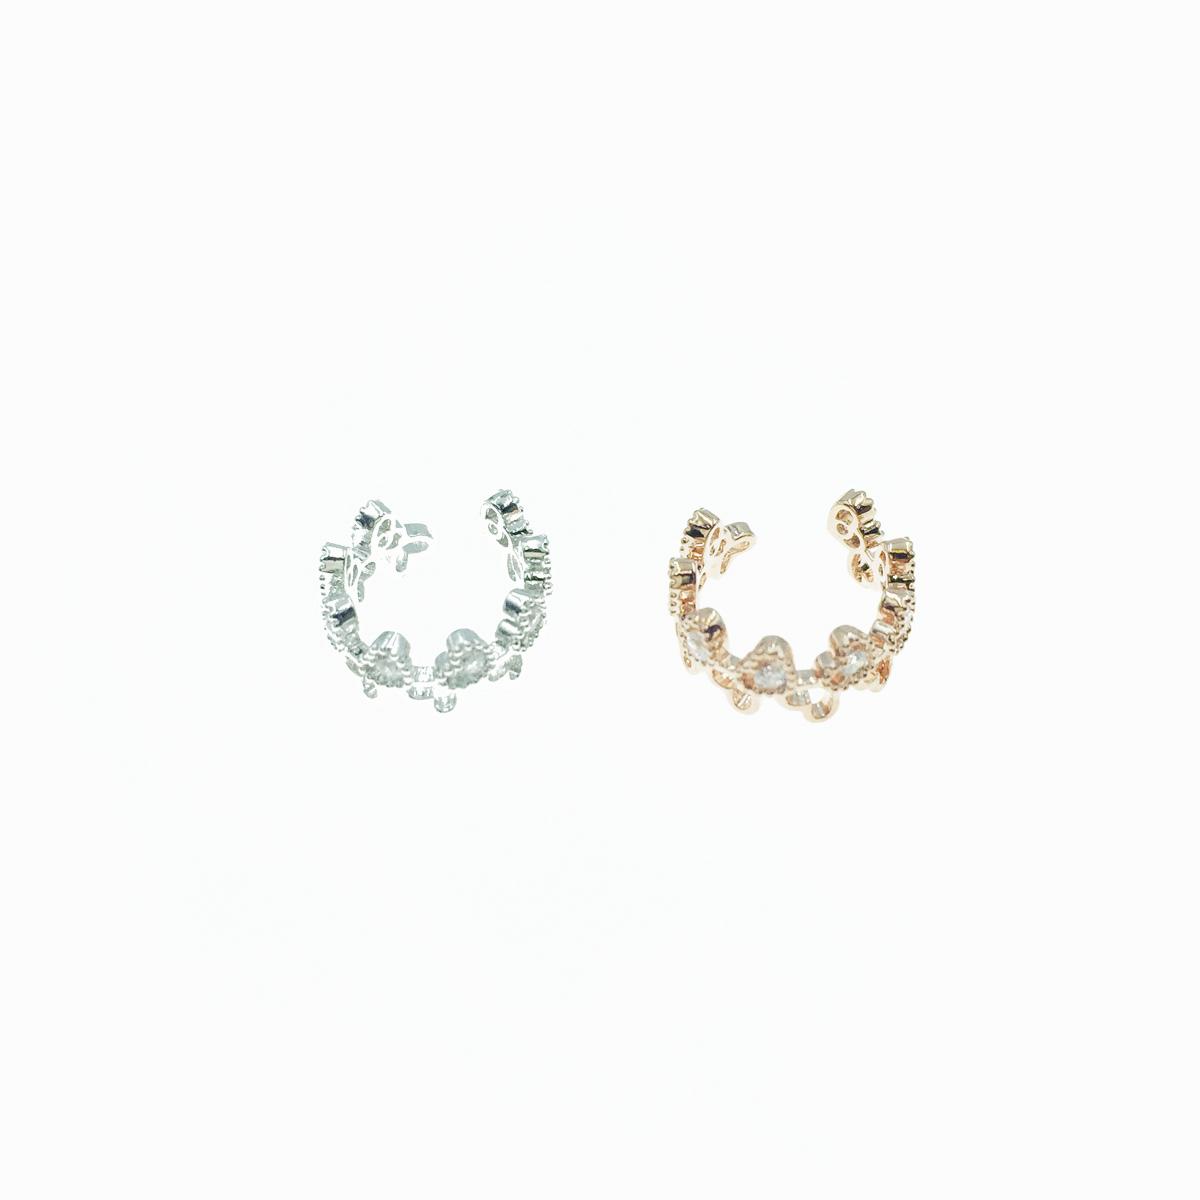 韓國 交錯愛心 水鑽 玫瑰金 銀色 耳骨夾